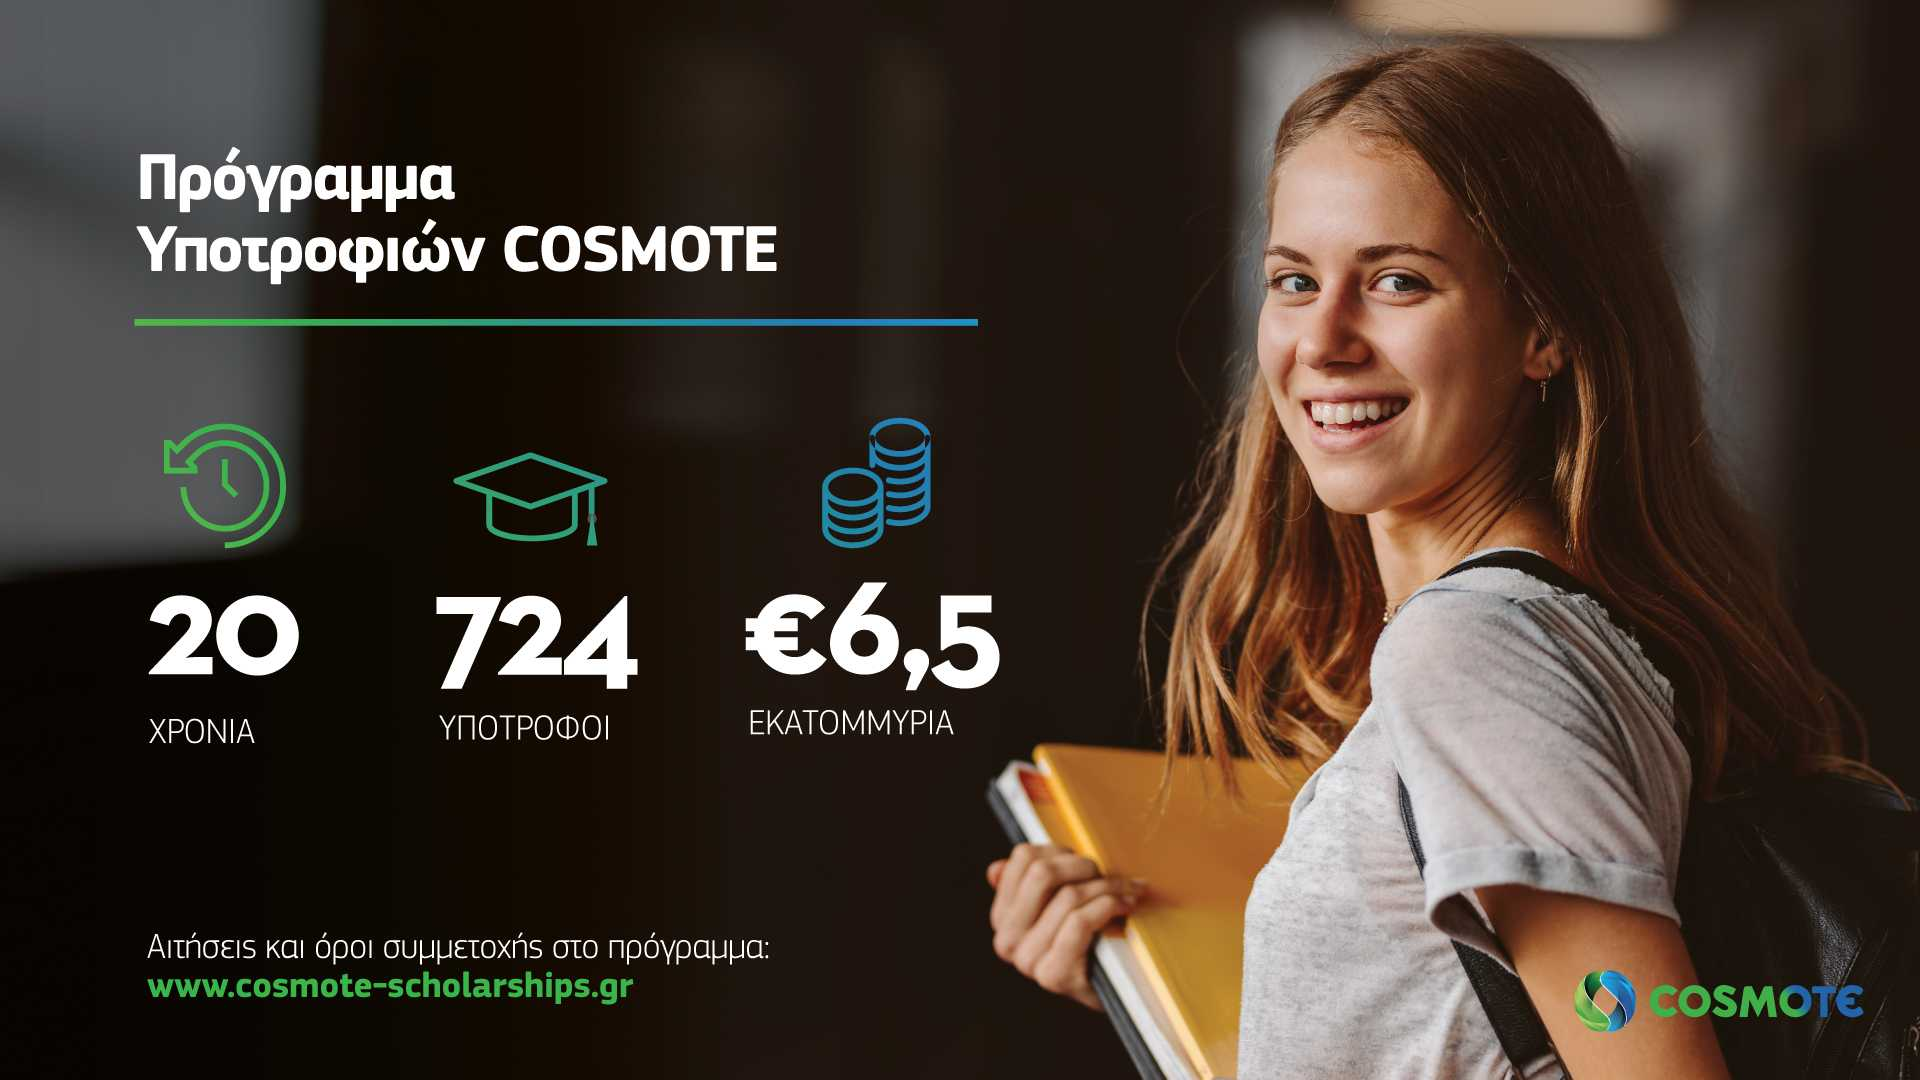 20 χρόνια Υποτροφίες COSMOTE: ένα πρόγραμμα θεσμός συνεχίζει δυναμικά τη συνεισφορά του